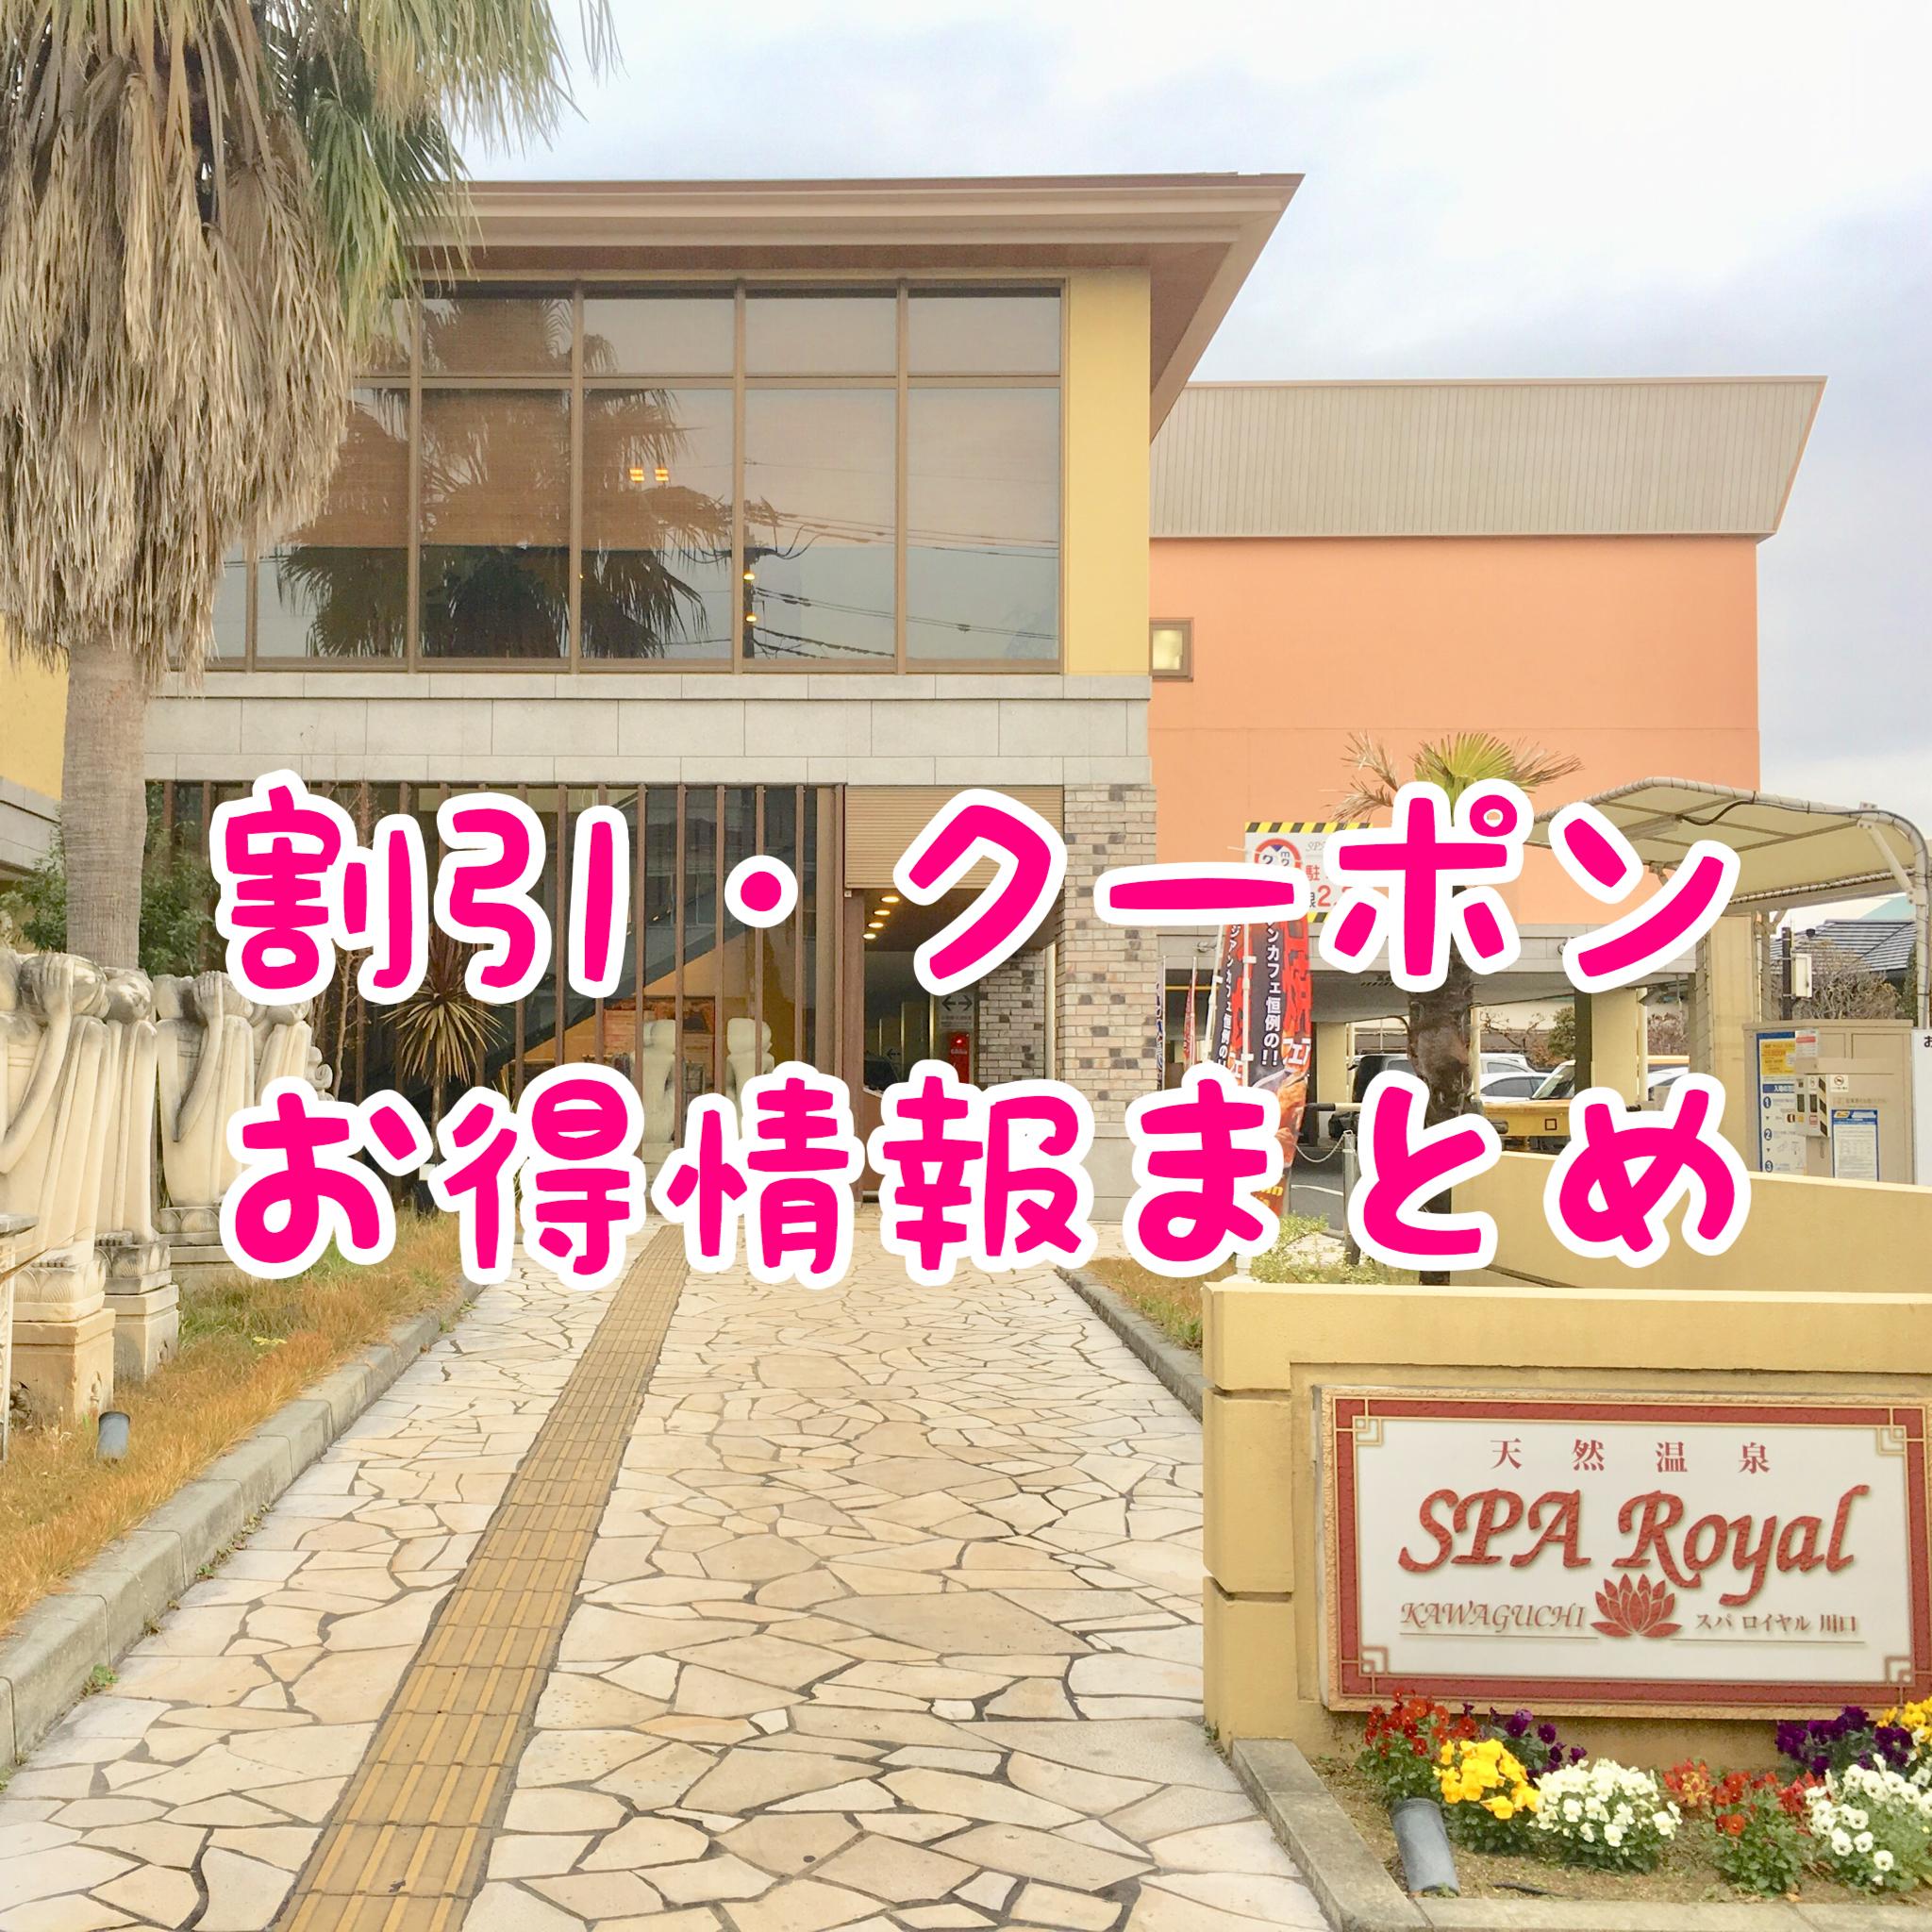 【スパロイヤル川口】クーポン・割引・キャンペーンお得情報まとめ!